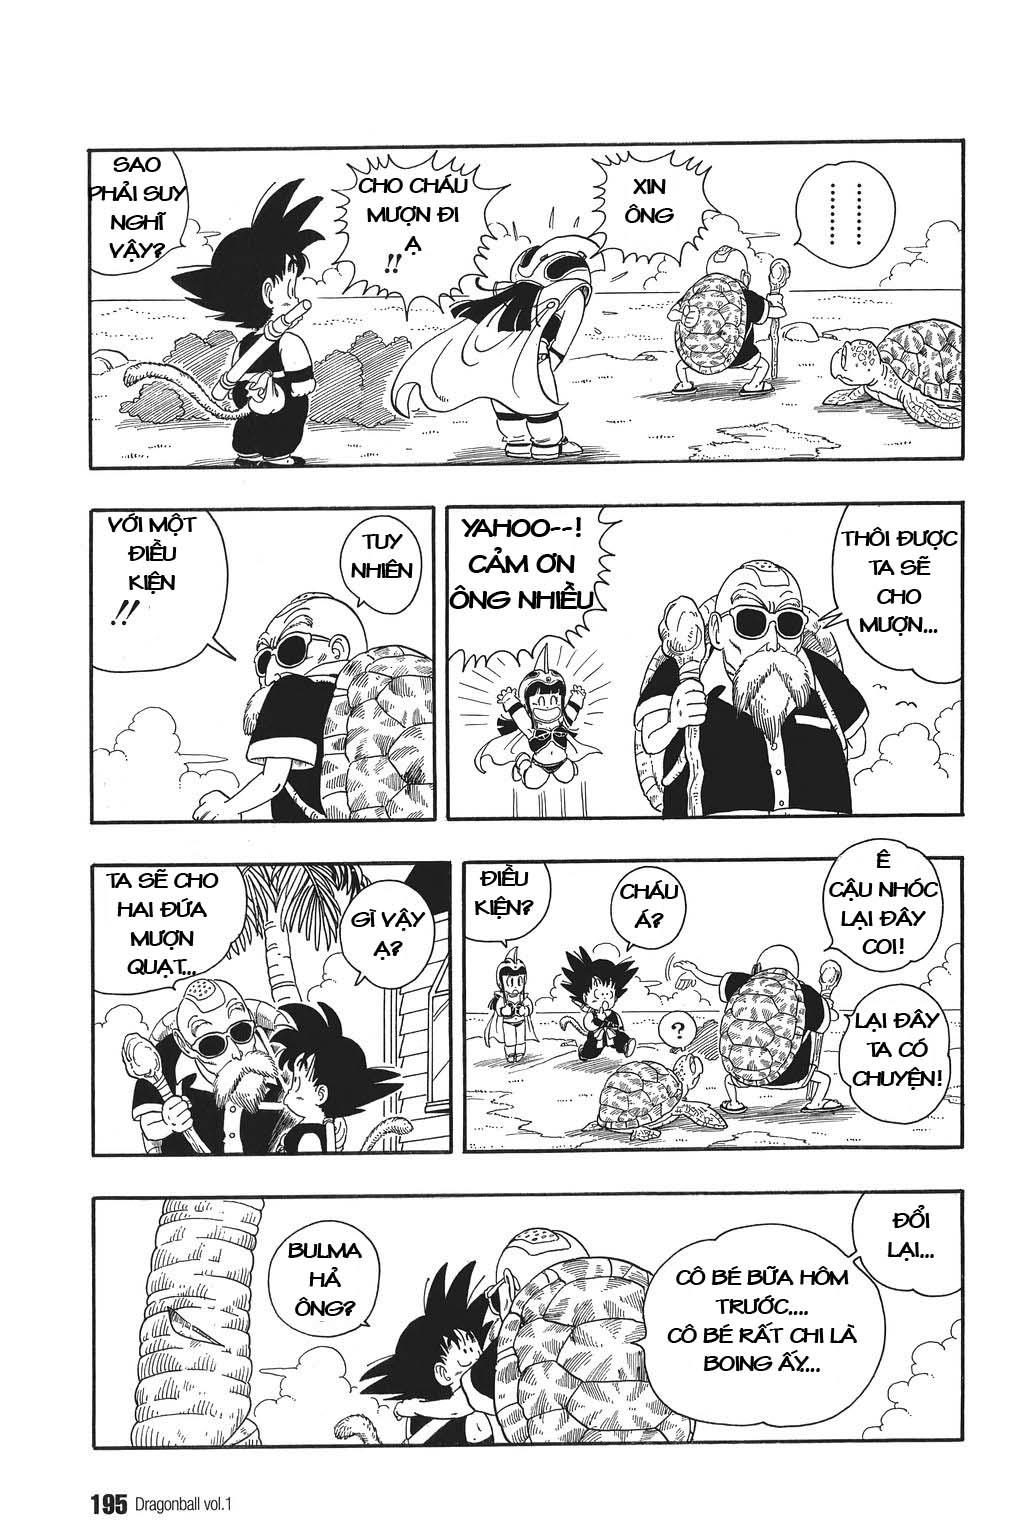 xem truyen moi - Dragon Ball Bản Vip - Bản Đẹp Nguyên Gốc Chap 13